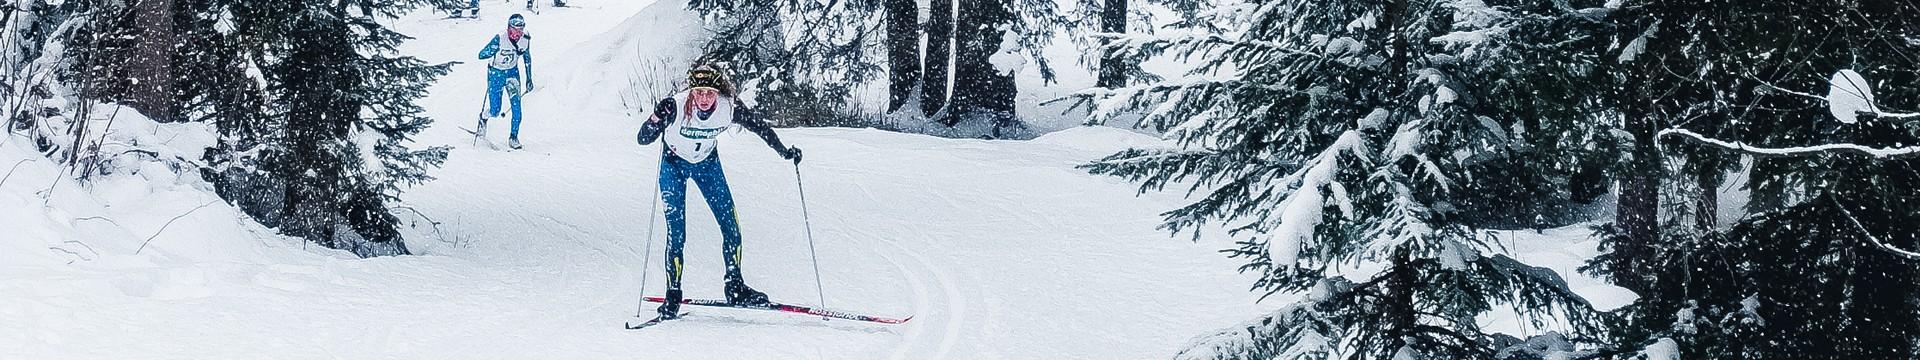 ski-de-fond-03-8782